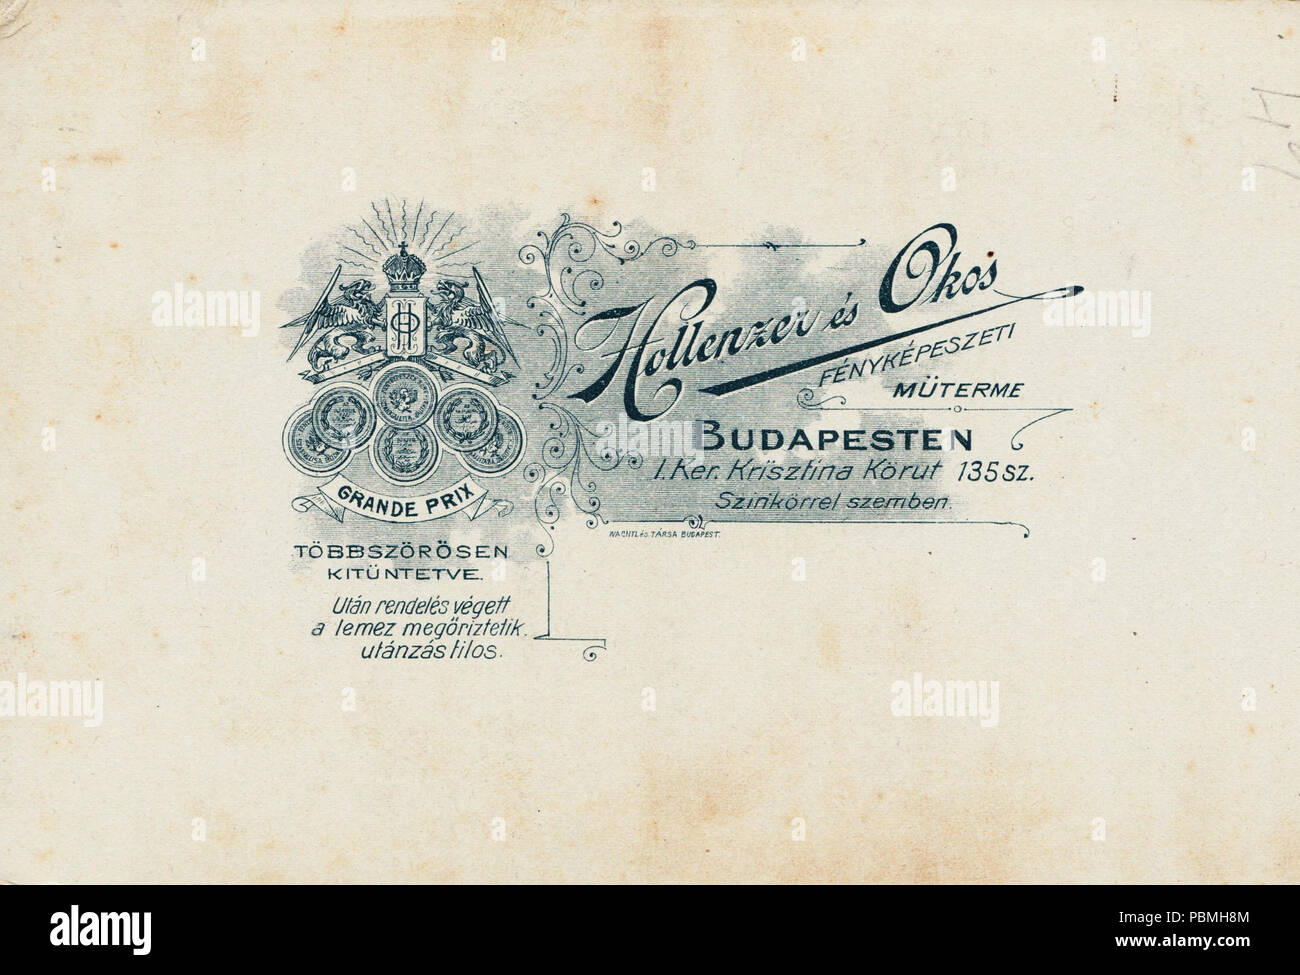 868 Krisztina körút 135., Hollenzer és Okos fényképészeti műterme. Fortepan 81168 - Stock Image